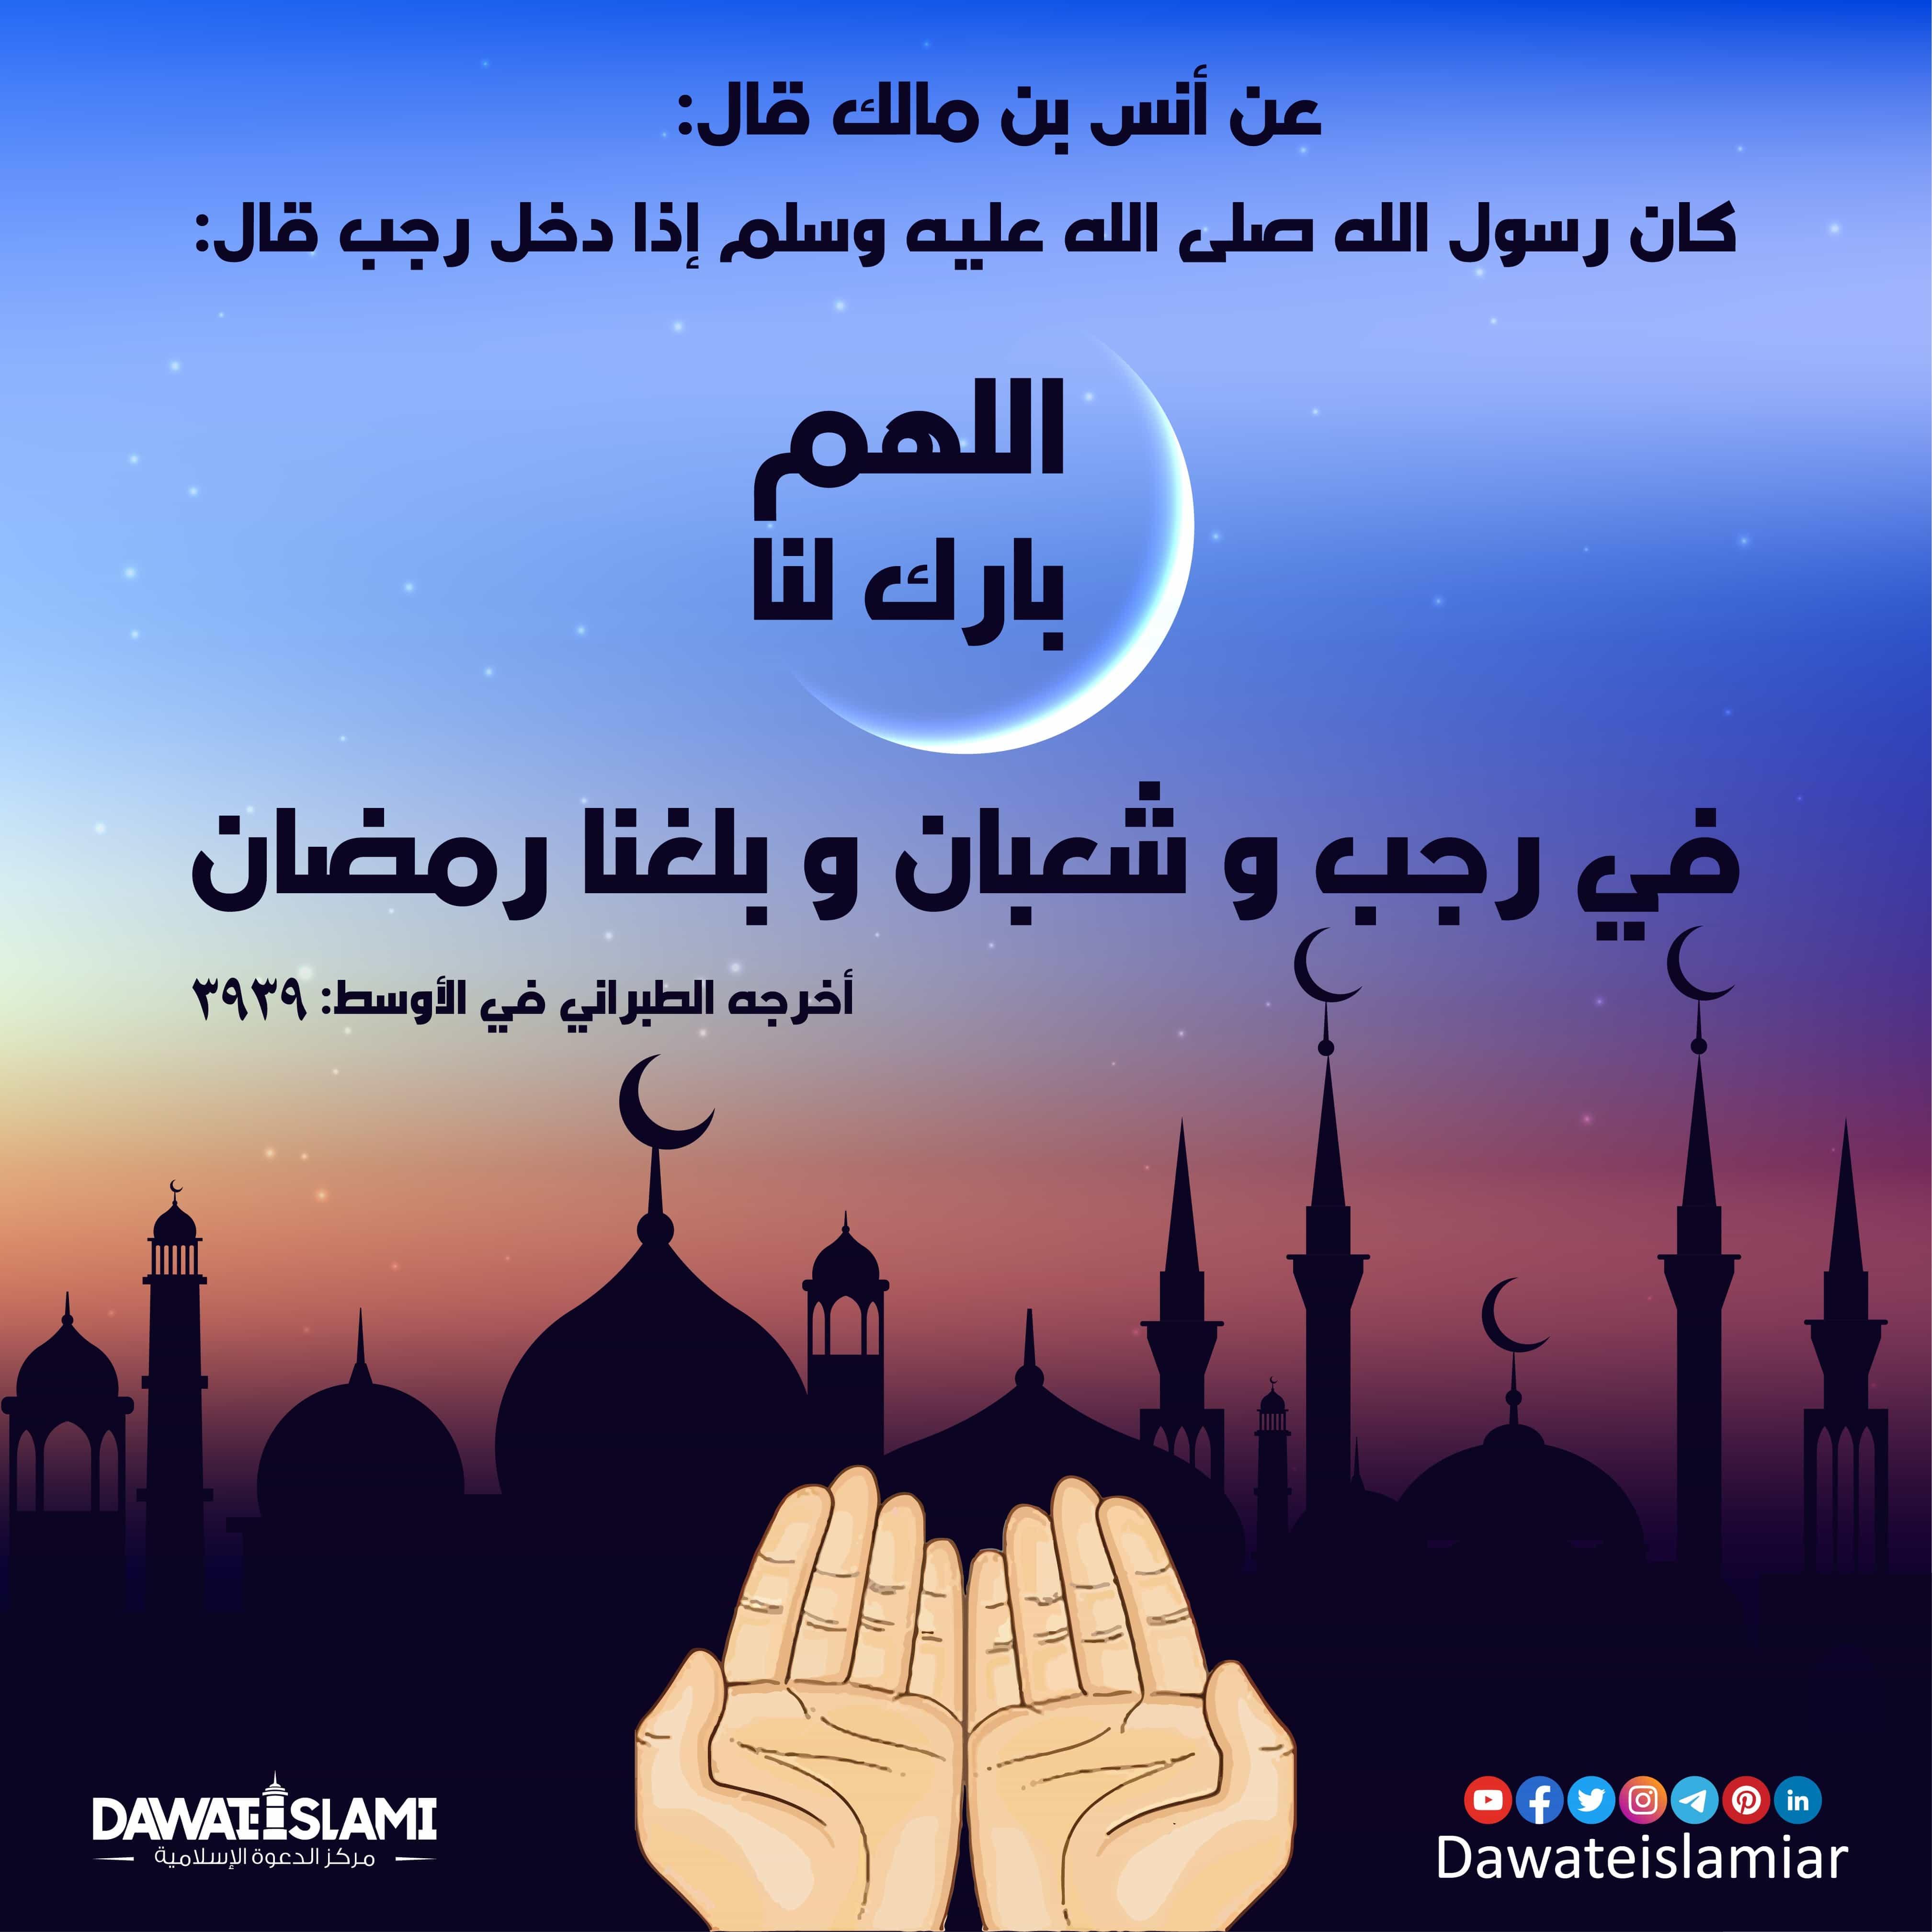 اللهم بارك لنا في رجب